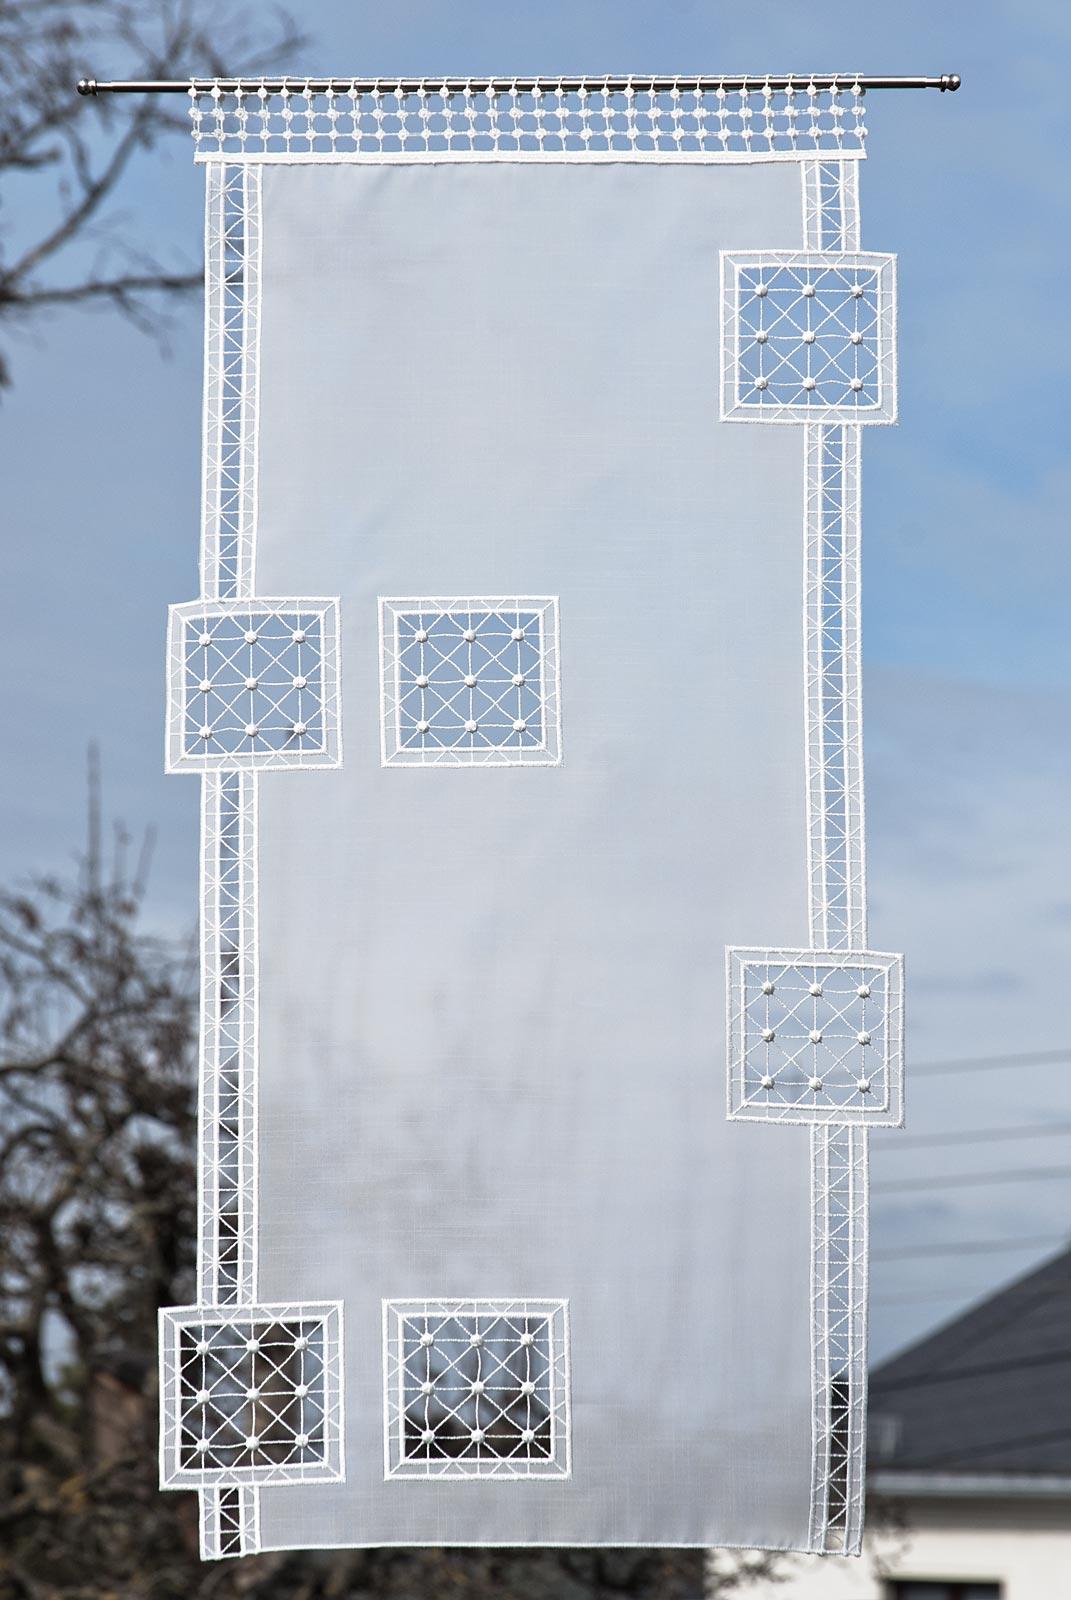 Full Size of Scheibengardinen Modern Plauener Spitze Deckenleuchte Schlafzimmer Moderne Esstische Wohnzimmer Modernes Sofa Bett Design Küche Holz Deckenlampen Tapete Wohnzimmer Scheibengardinen Modern